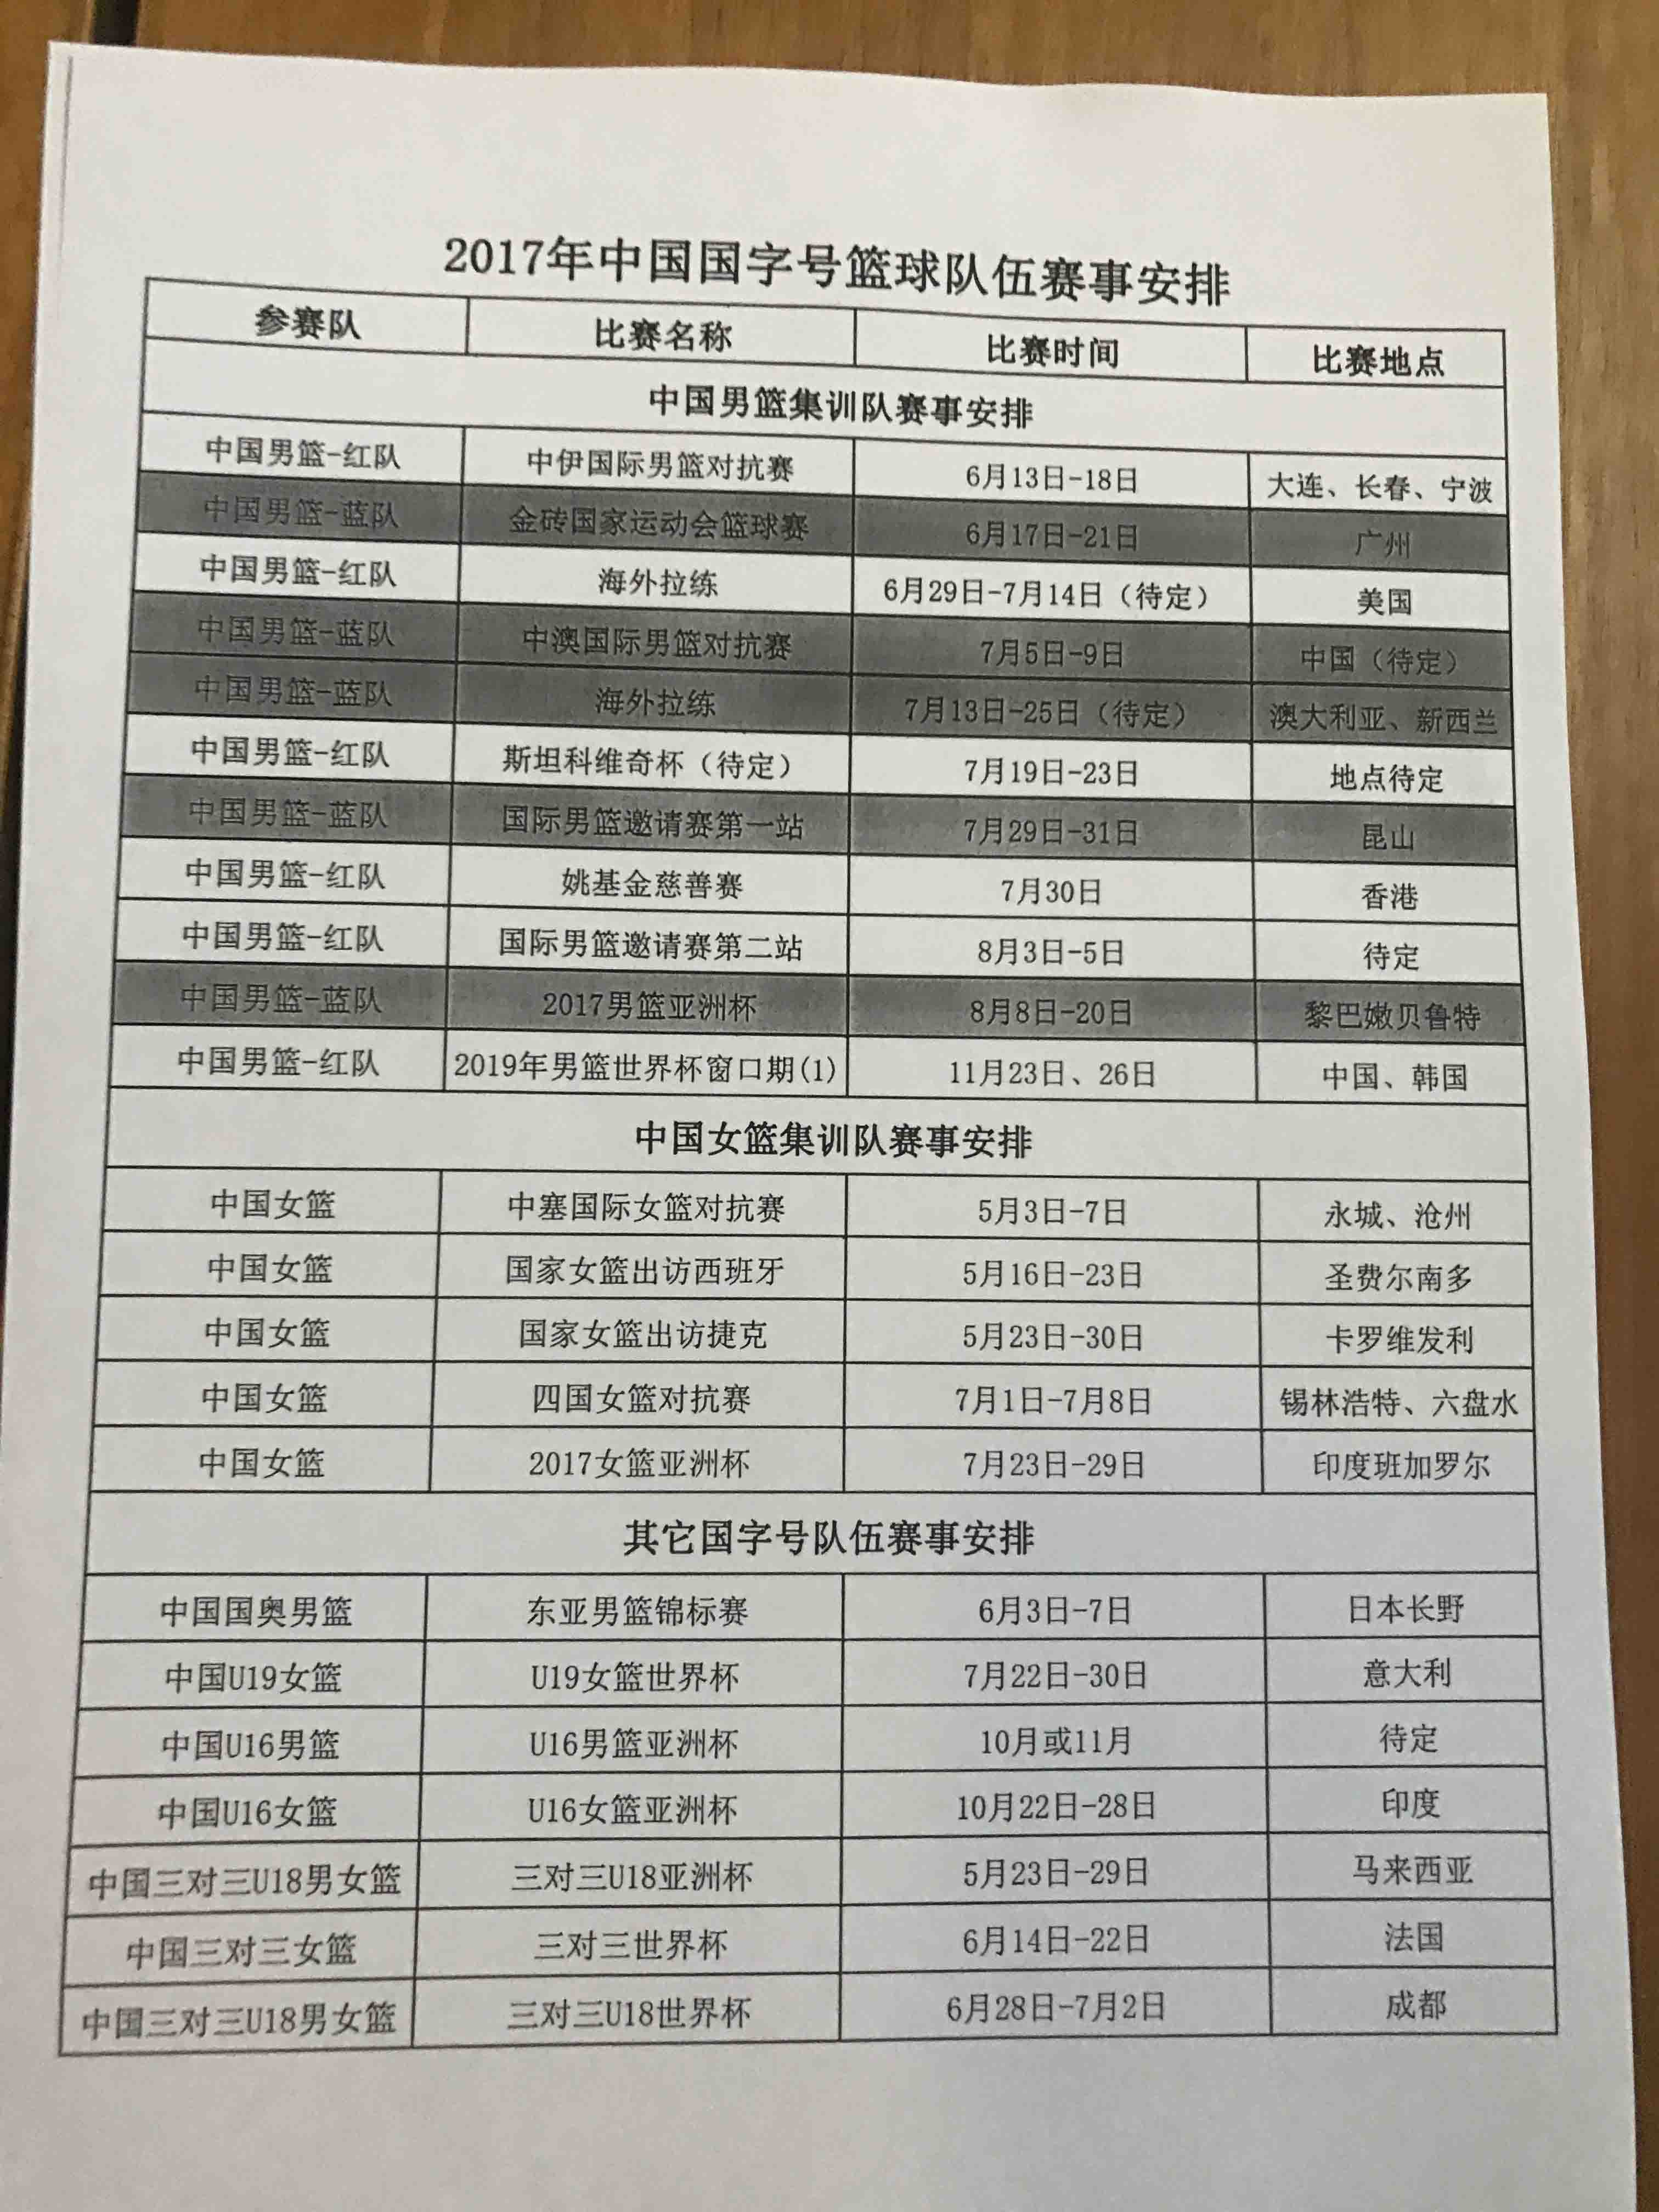 双国家队赛程出炉 红队打世界杯预选蓝队打亚